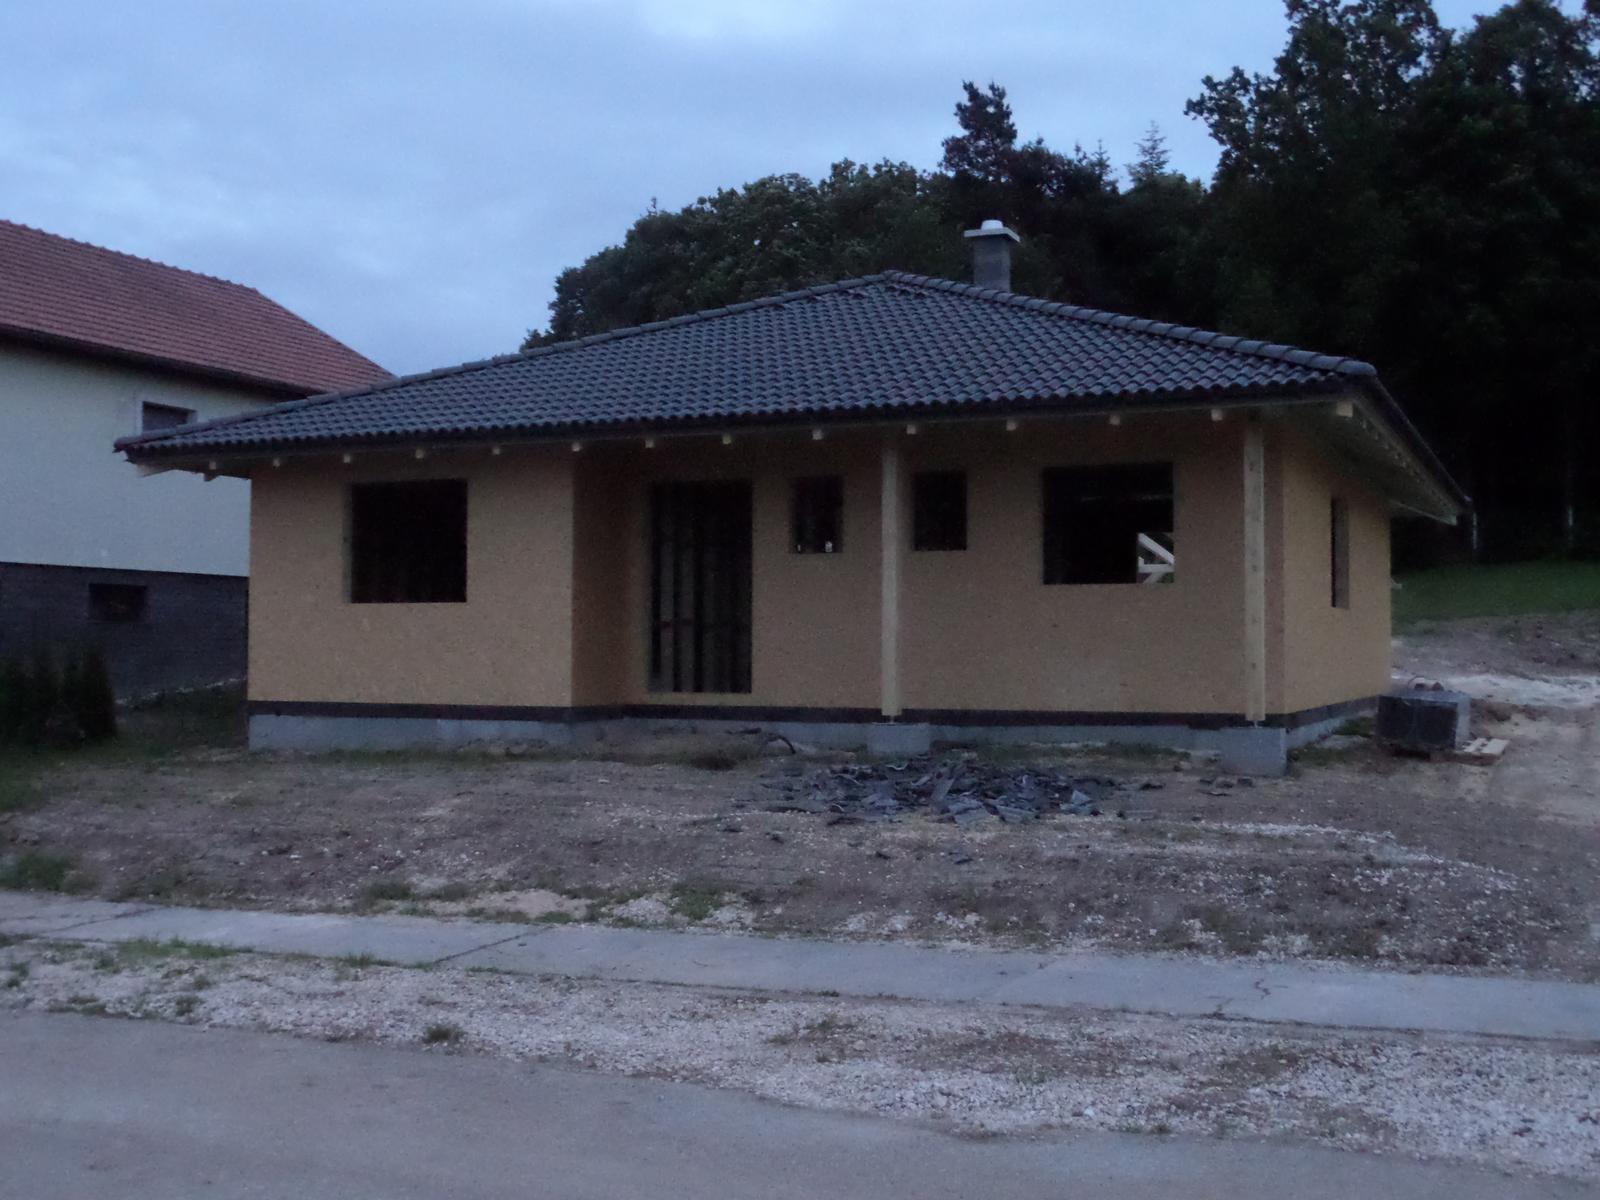 Bungalov Martina - hrubá stavba ukončená, šikovní chlapci - ĎAKUJEME VÁM - Vaša práca má náš veľký obdiv.